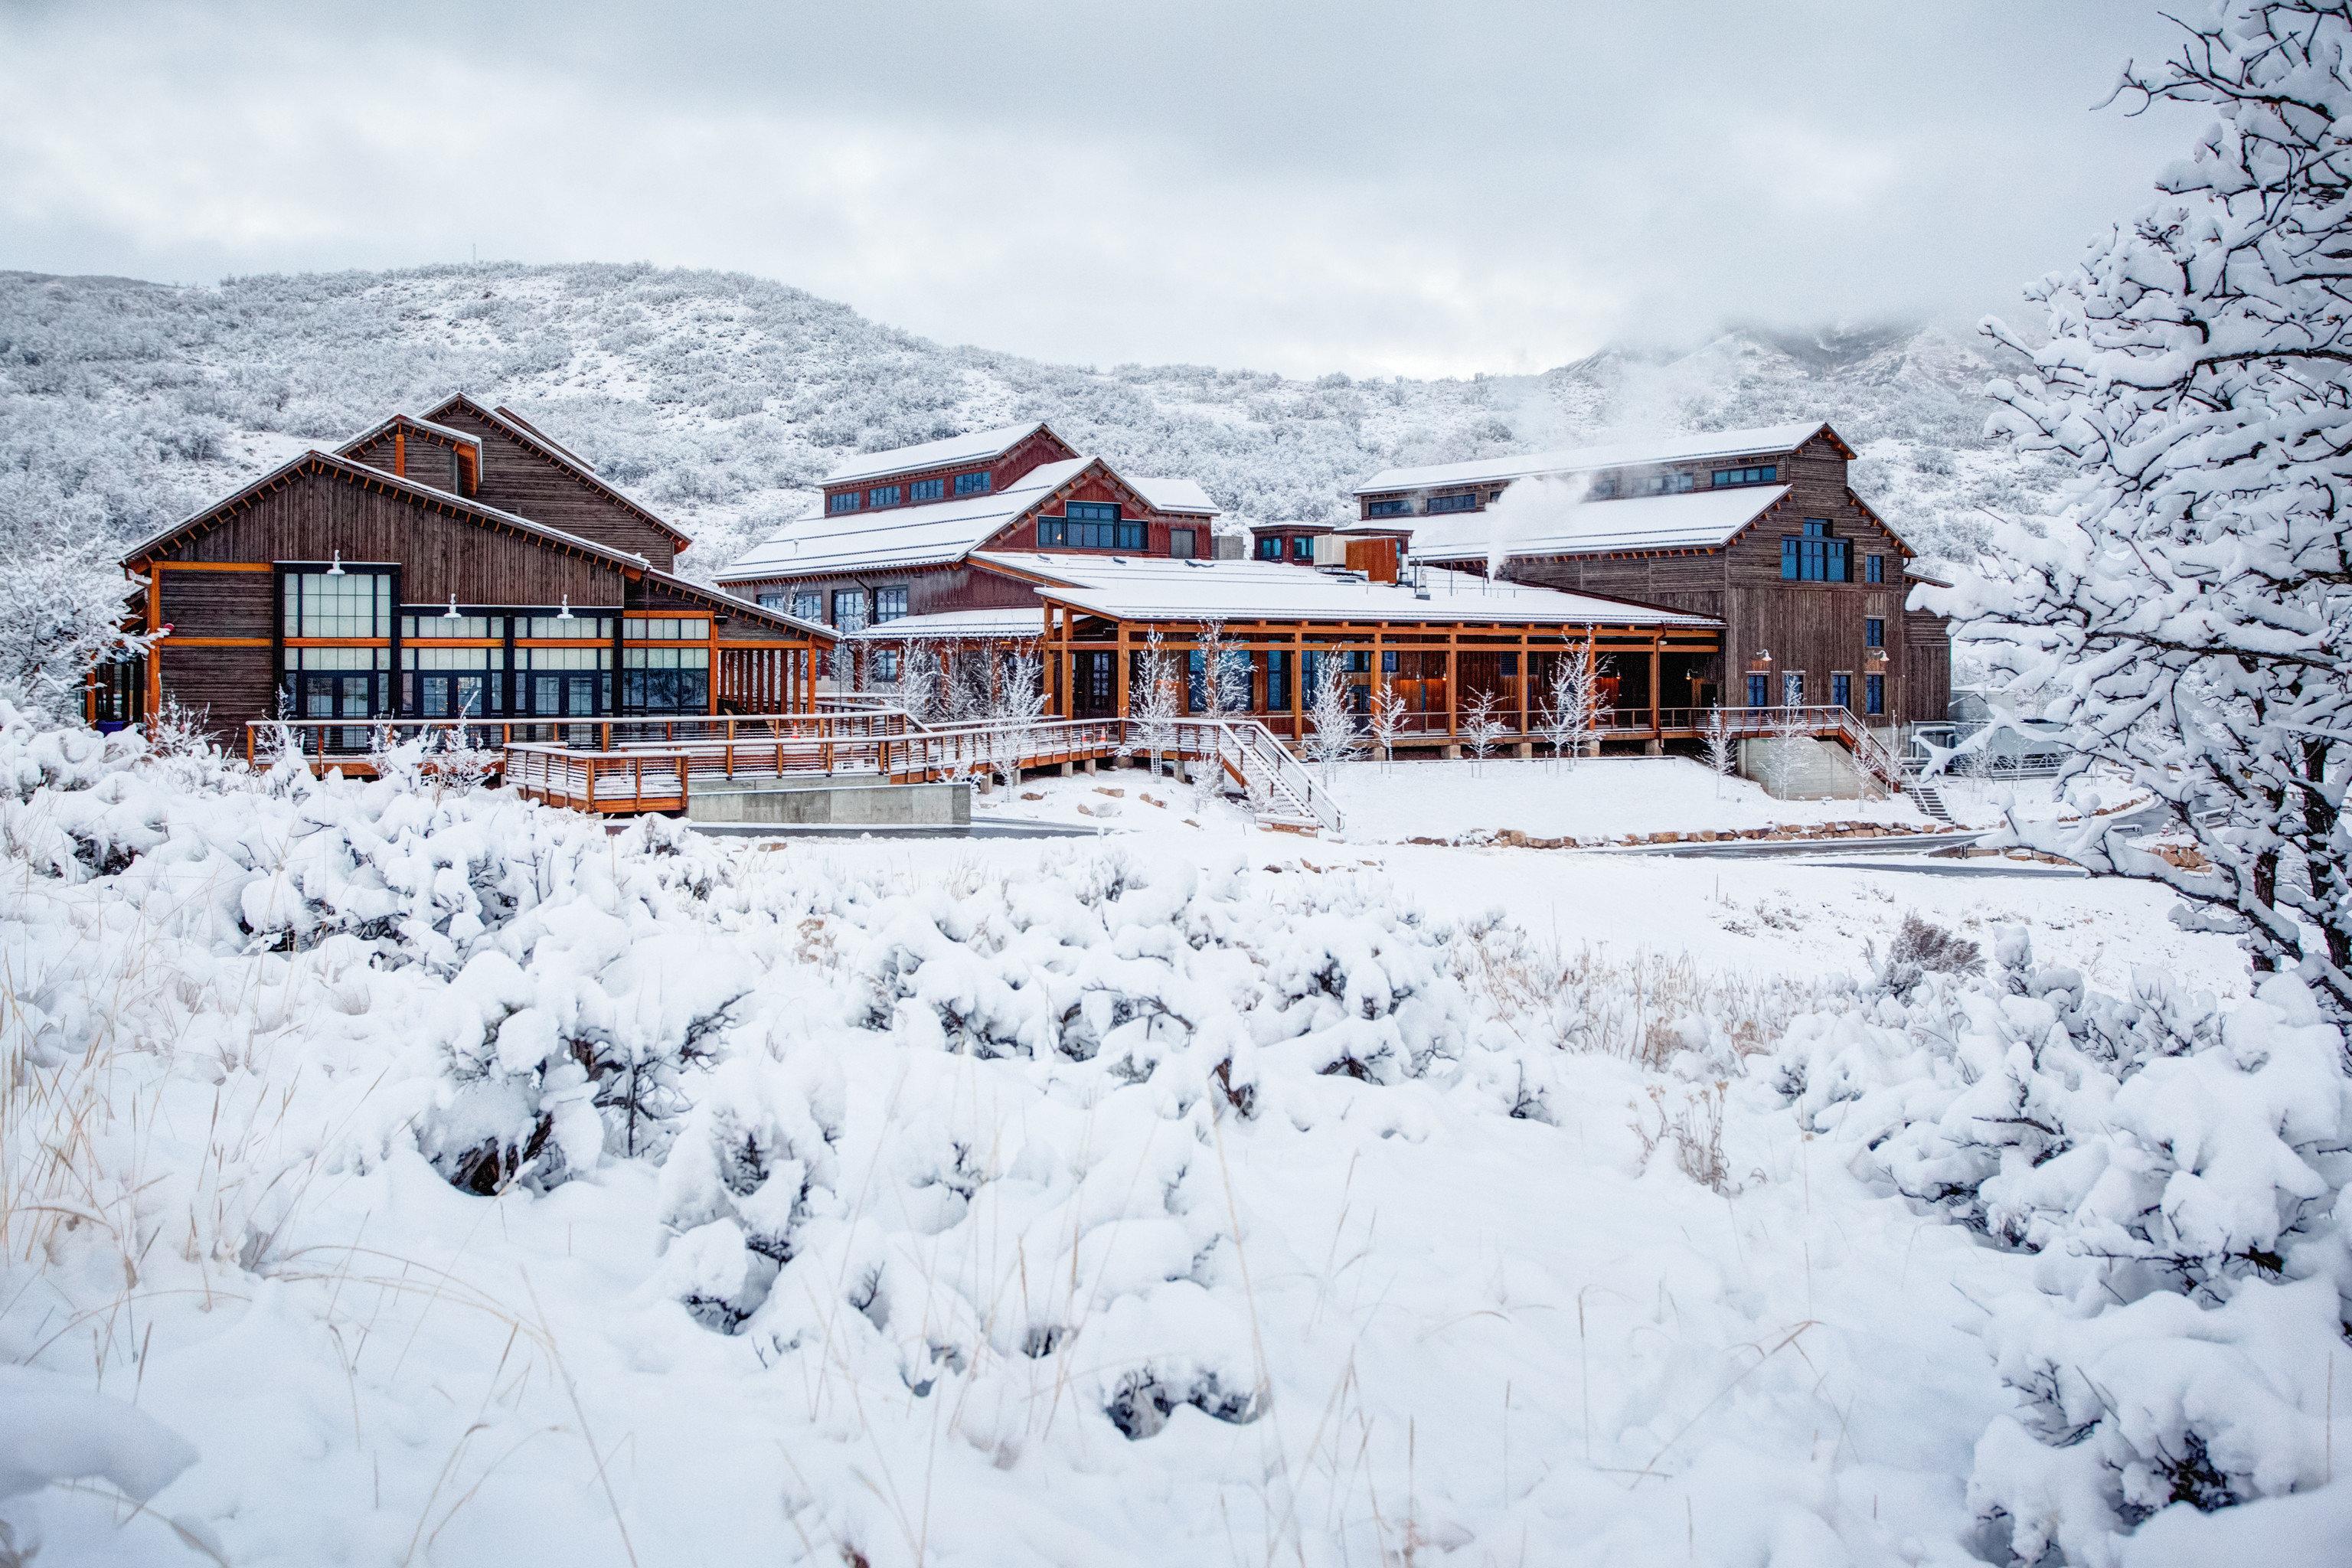 Trip Ideas snow outdoor sky Nature Winter weather season geological phenomenon covered mountain mountain range Resort freezing piste blizzard